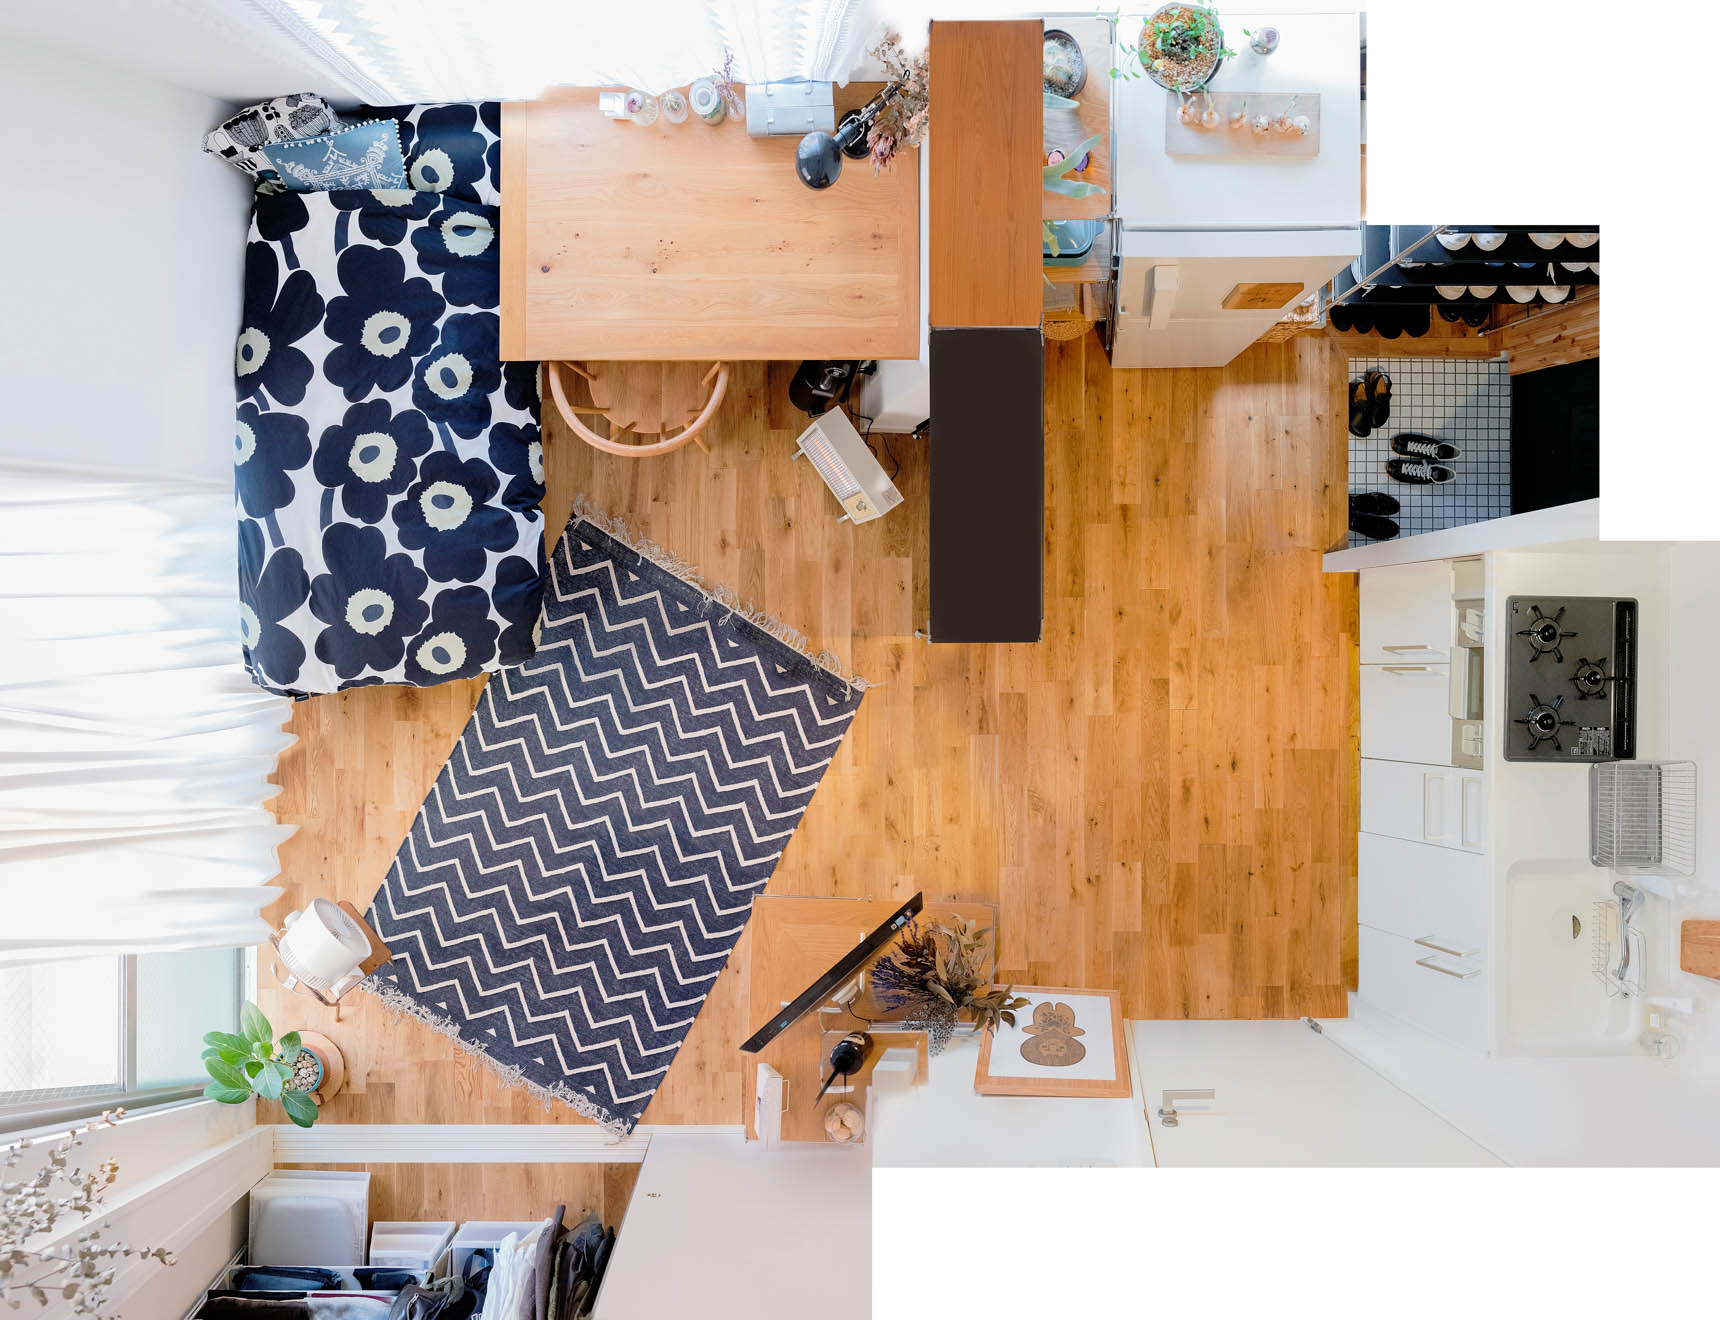 ワンルームにお住まいの方の事例。ワークデスクは幅1,600mmという大き目のサイズのものを使って、窓際に配置しています。